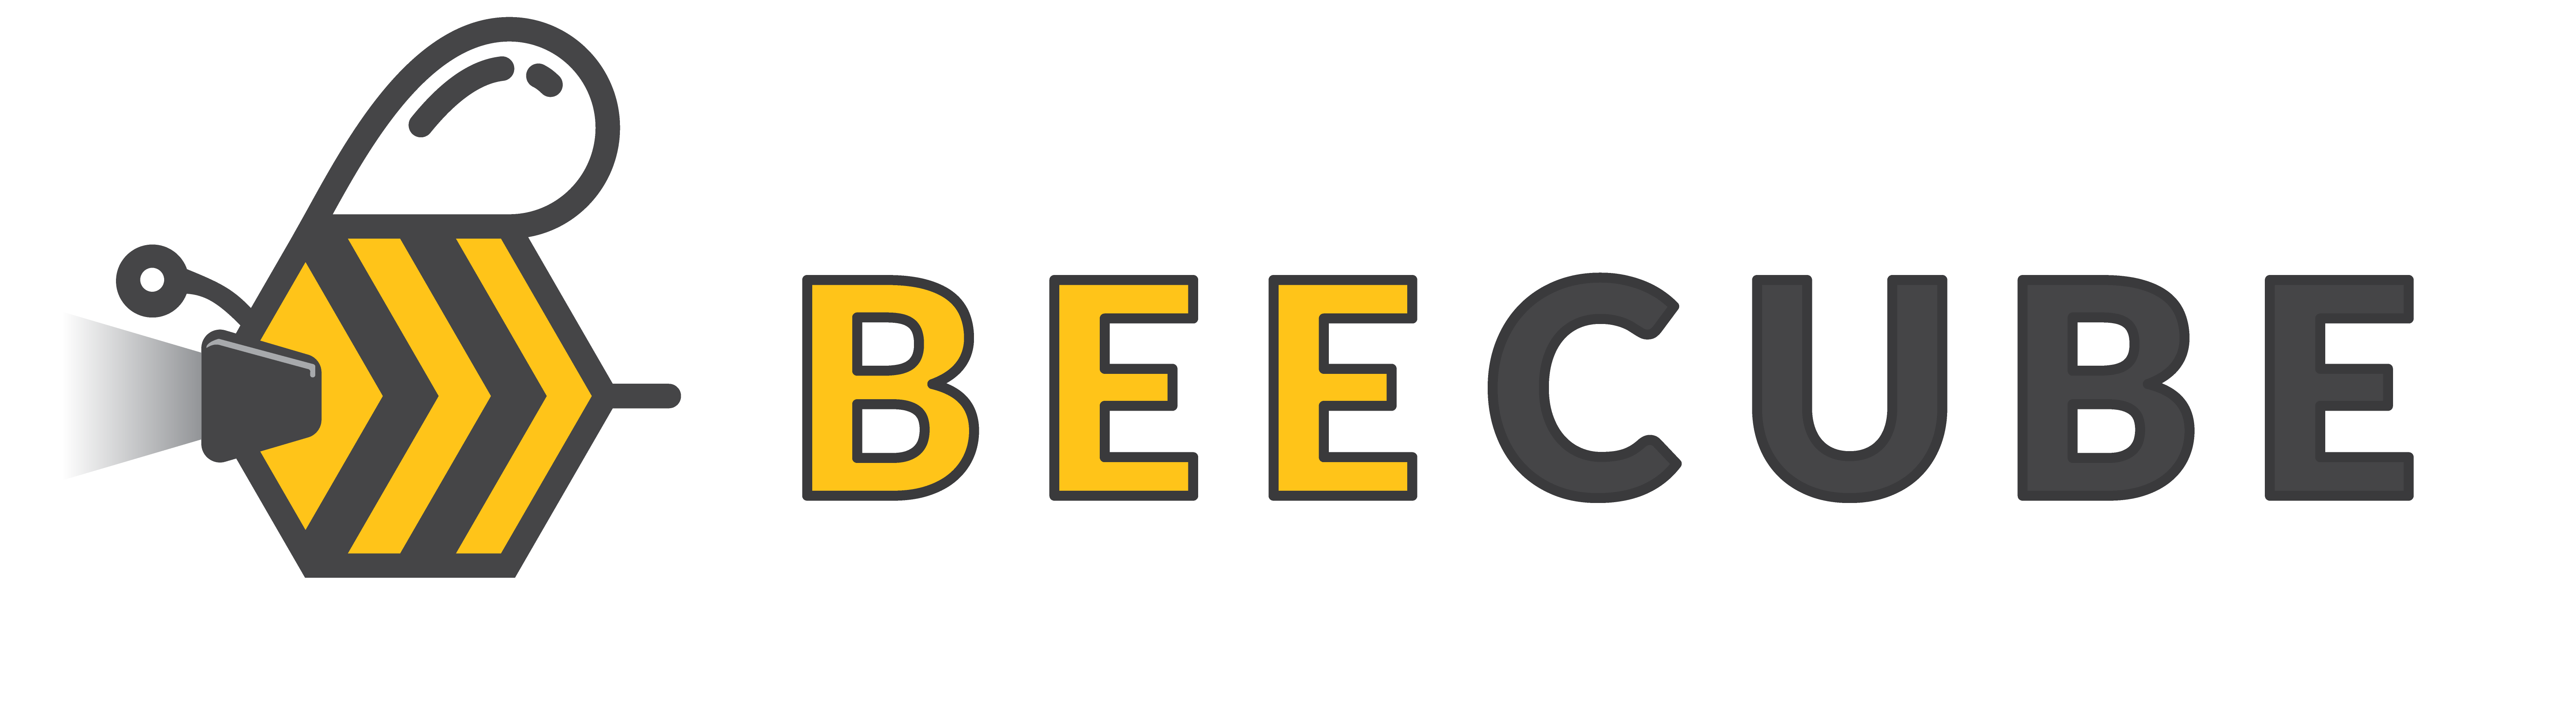 Beecube